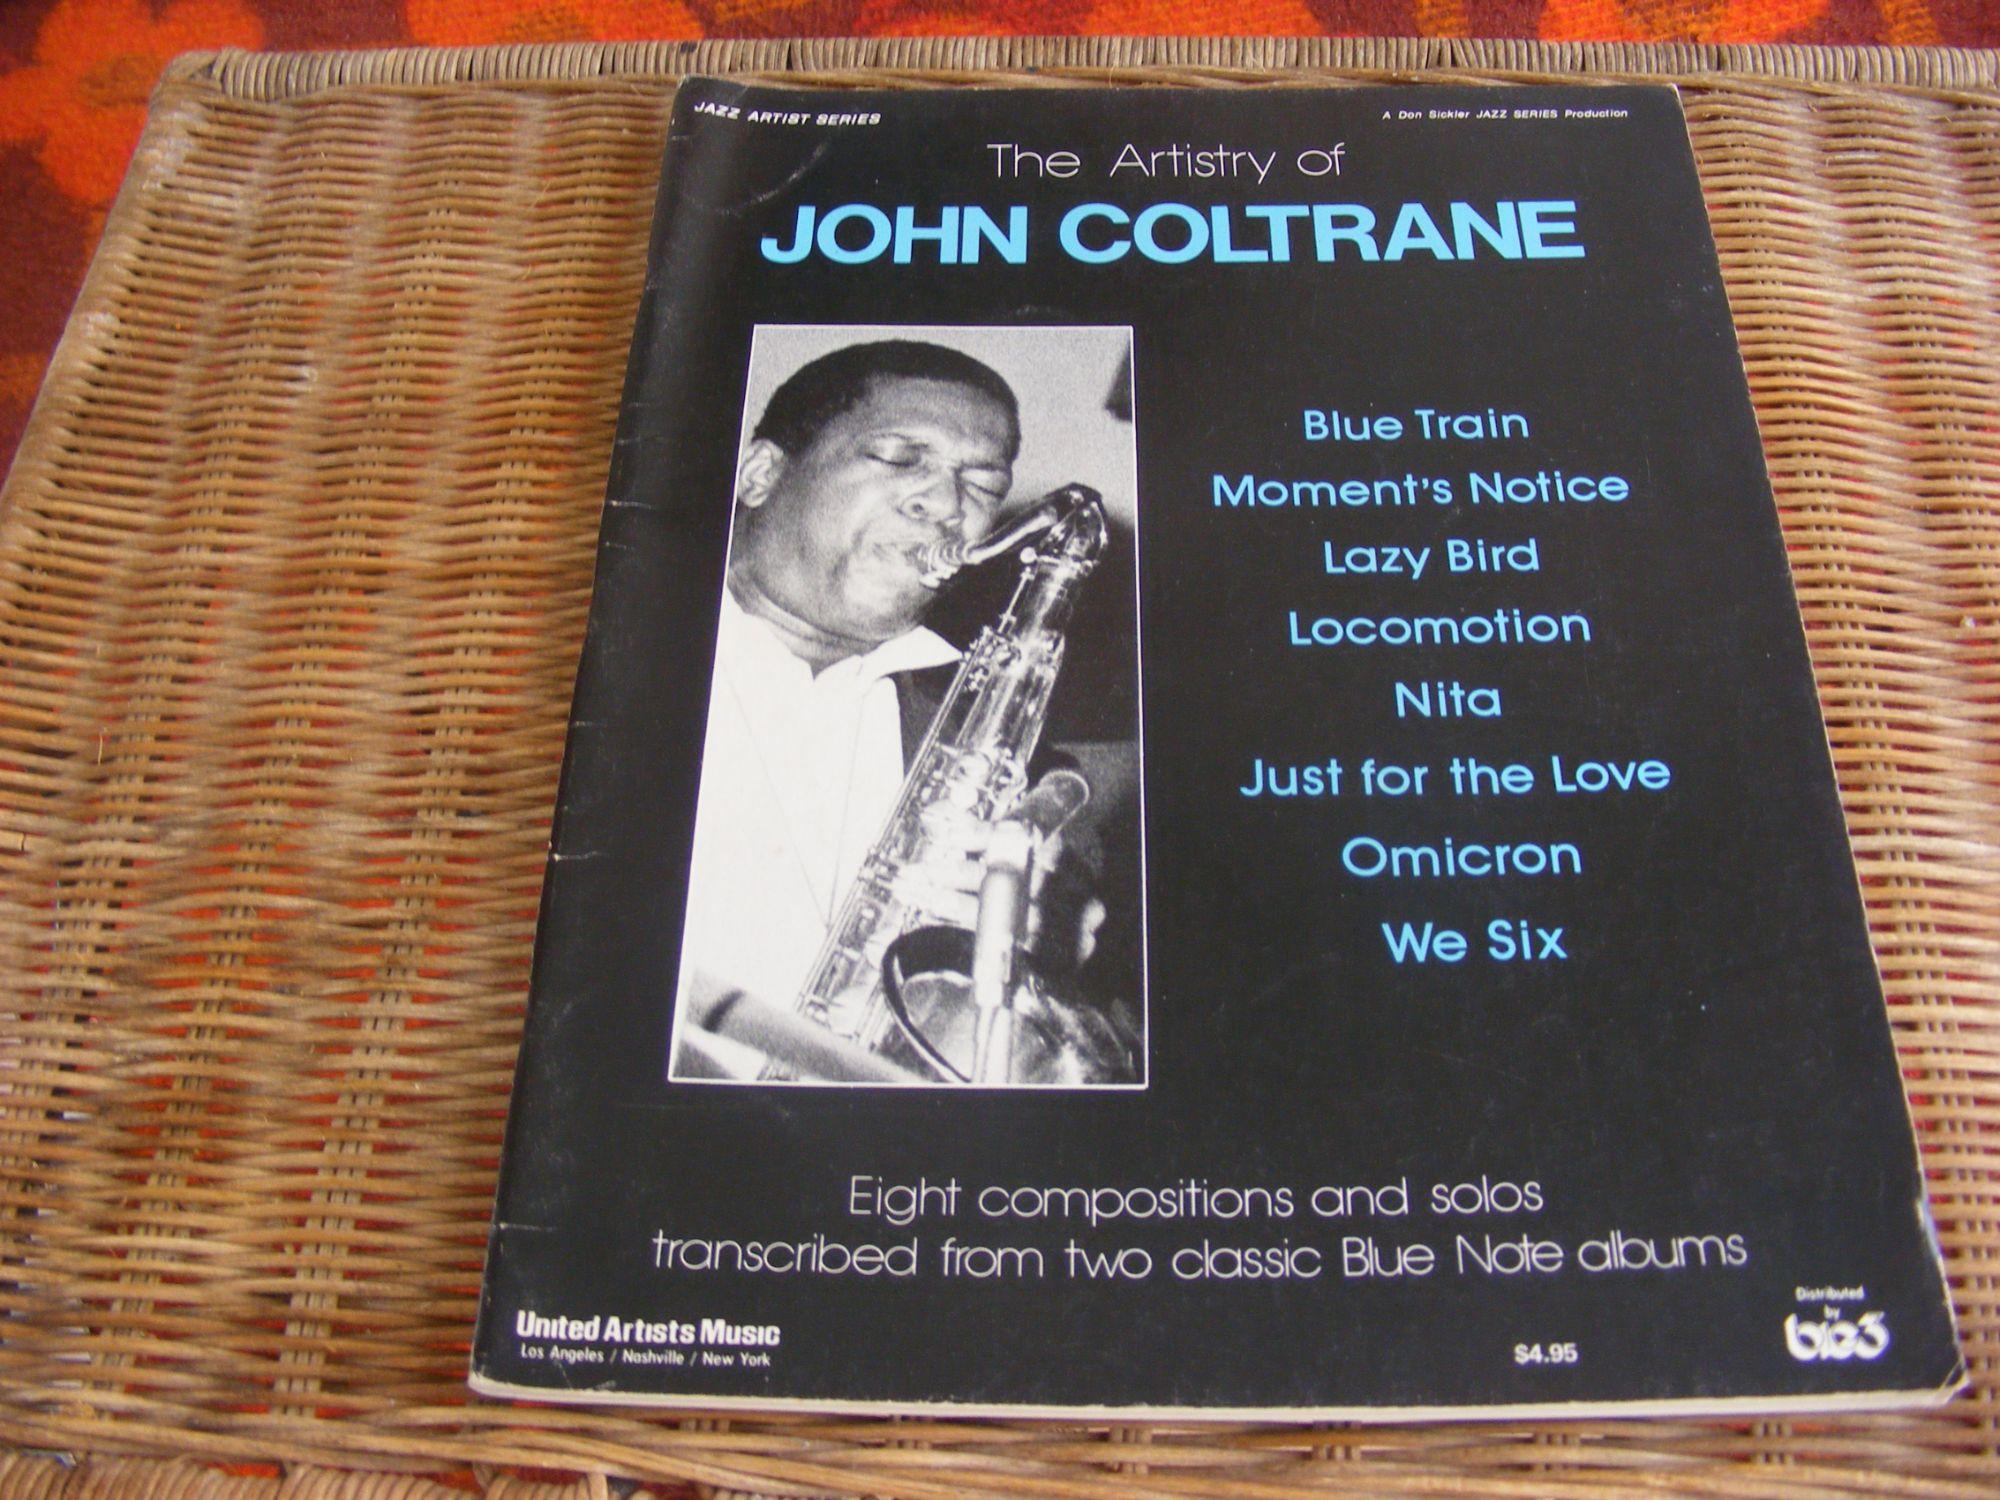 John Coltrane - Comparez les prix des Livres d'Occasion ou Neufs